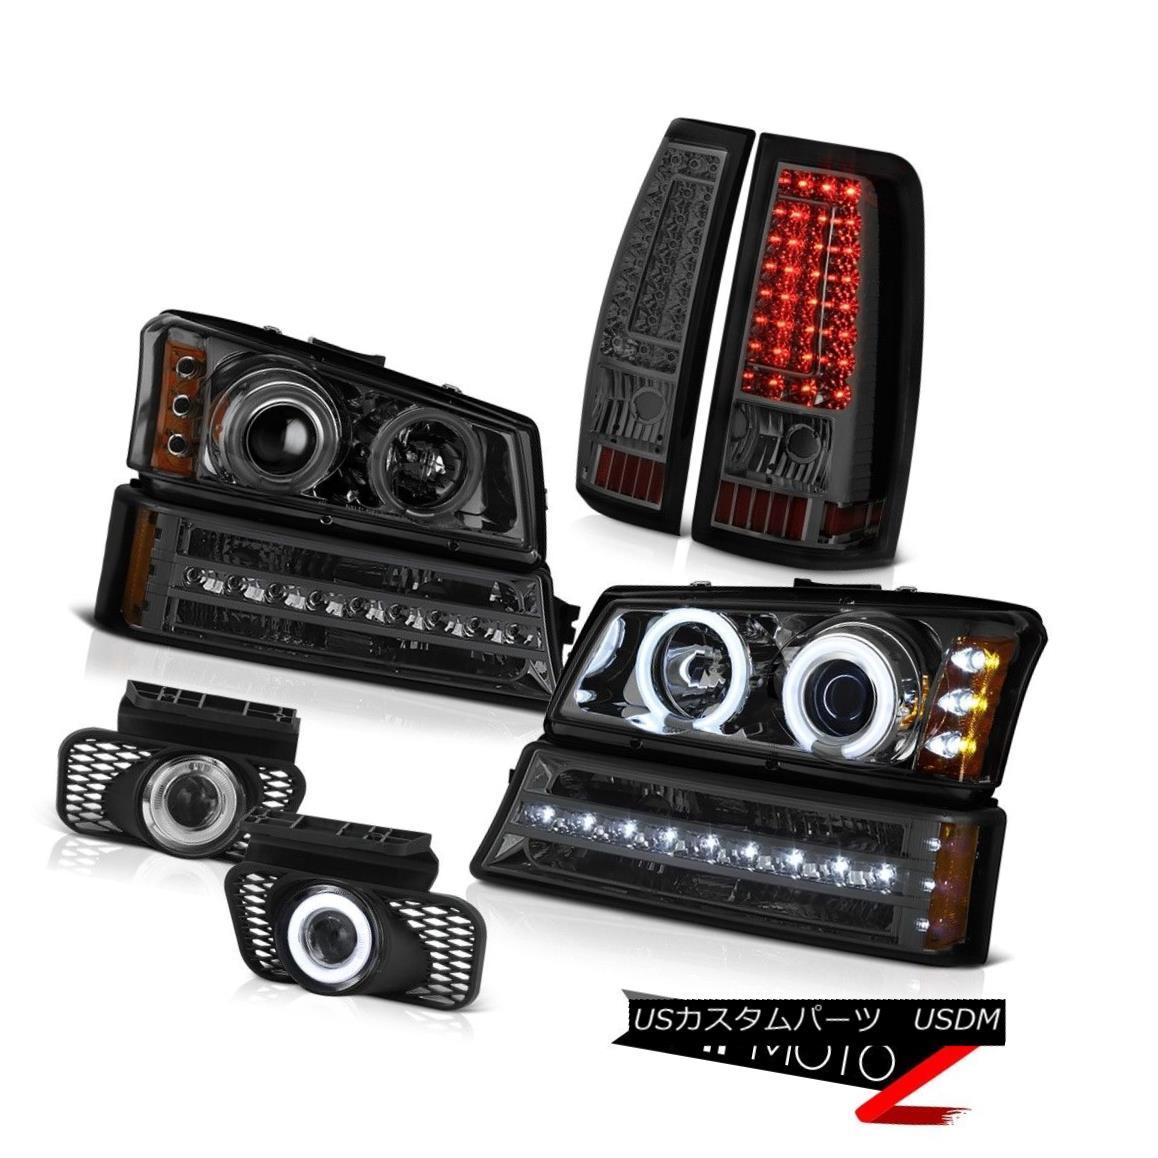 ヘッドライト 03-06 Silverado 1500 Clear Chrome Fog Lights Taillights Signal Light Headlights 03-06 Silverado 1500クリアクロームフォグライトティアライトシグナルライトヘッドライト